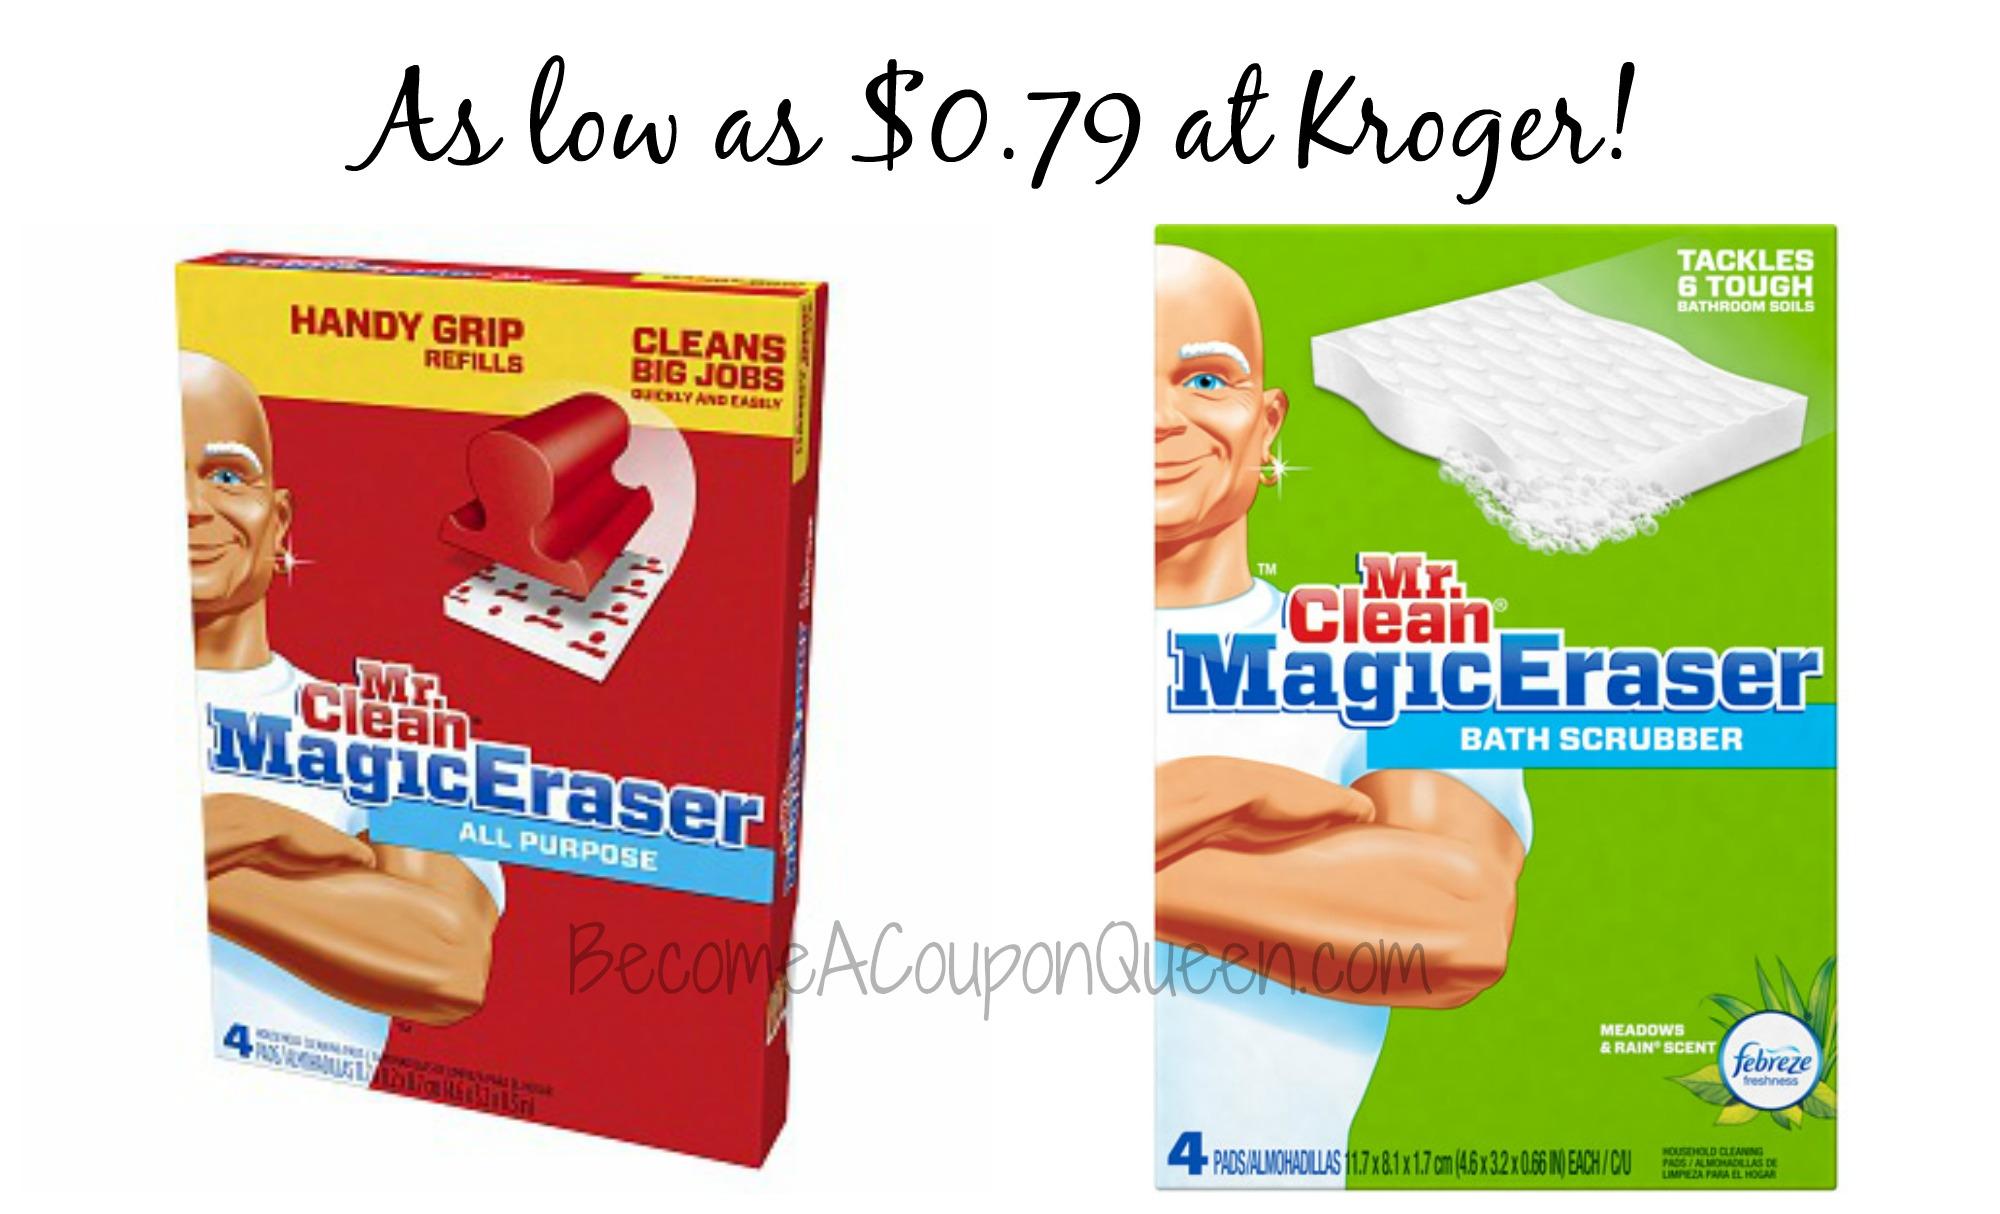 kroger mr clean magic eraser as low as. Black Bedroom Furniture Sets. Home Design Ideas